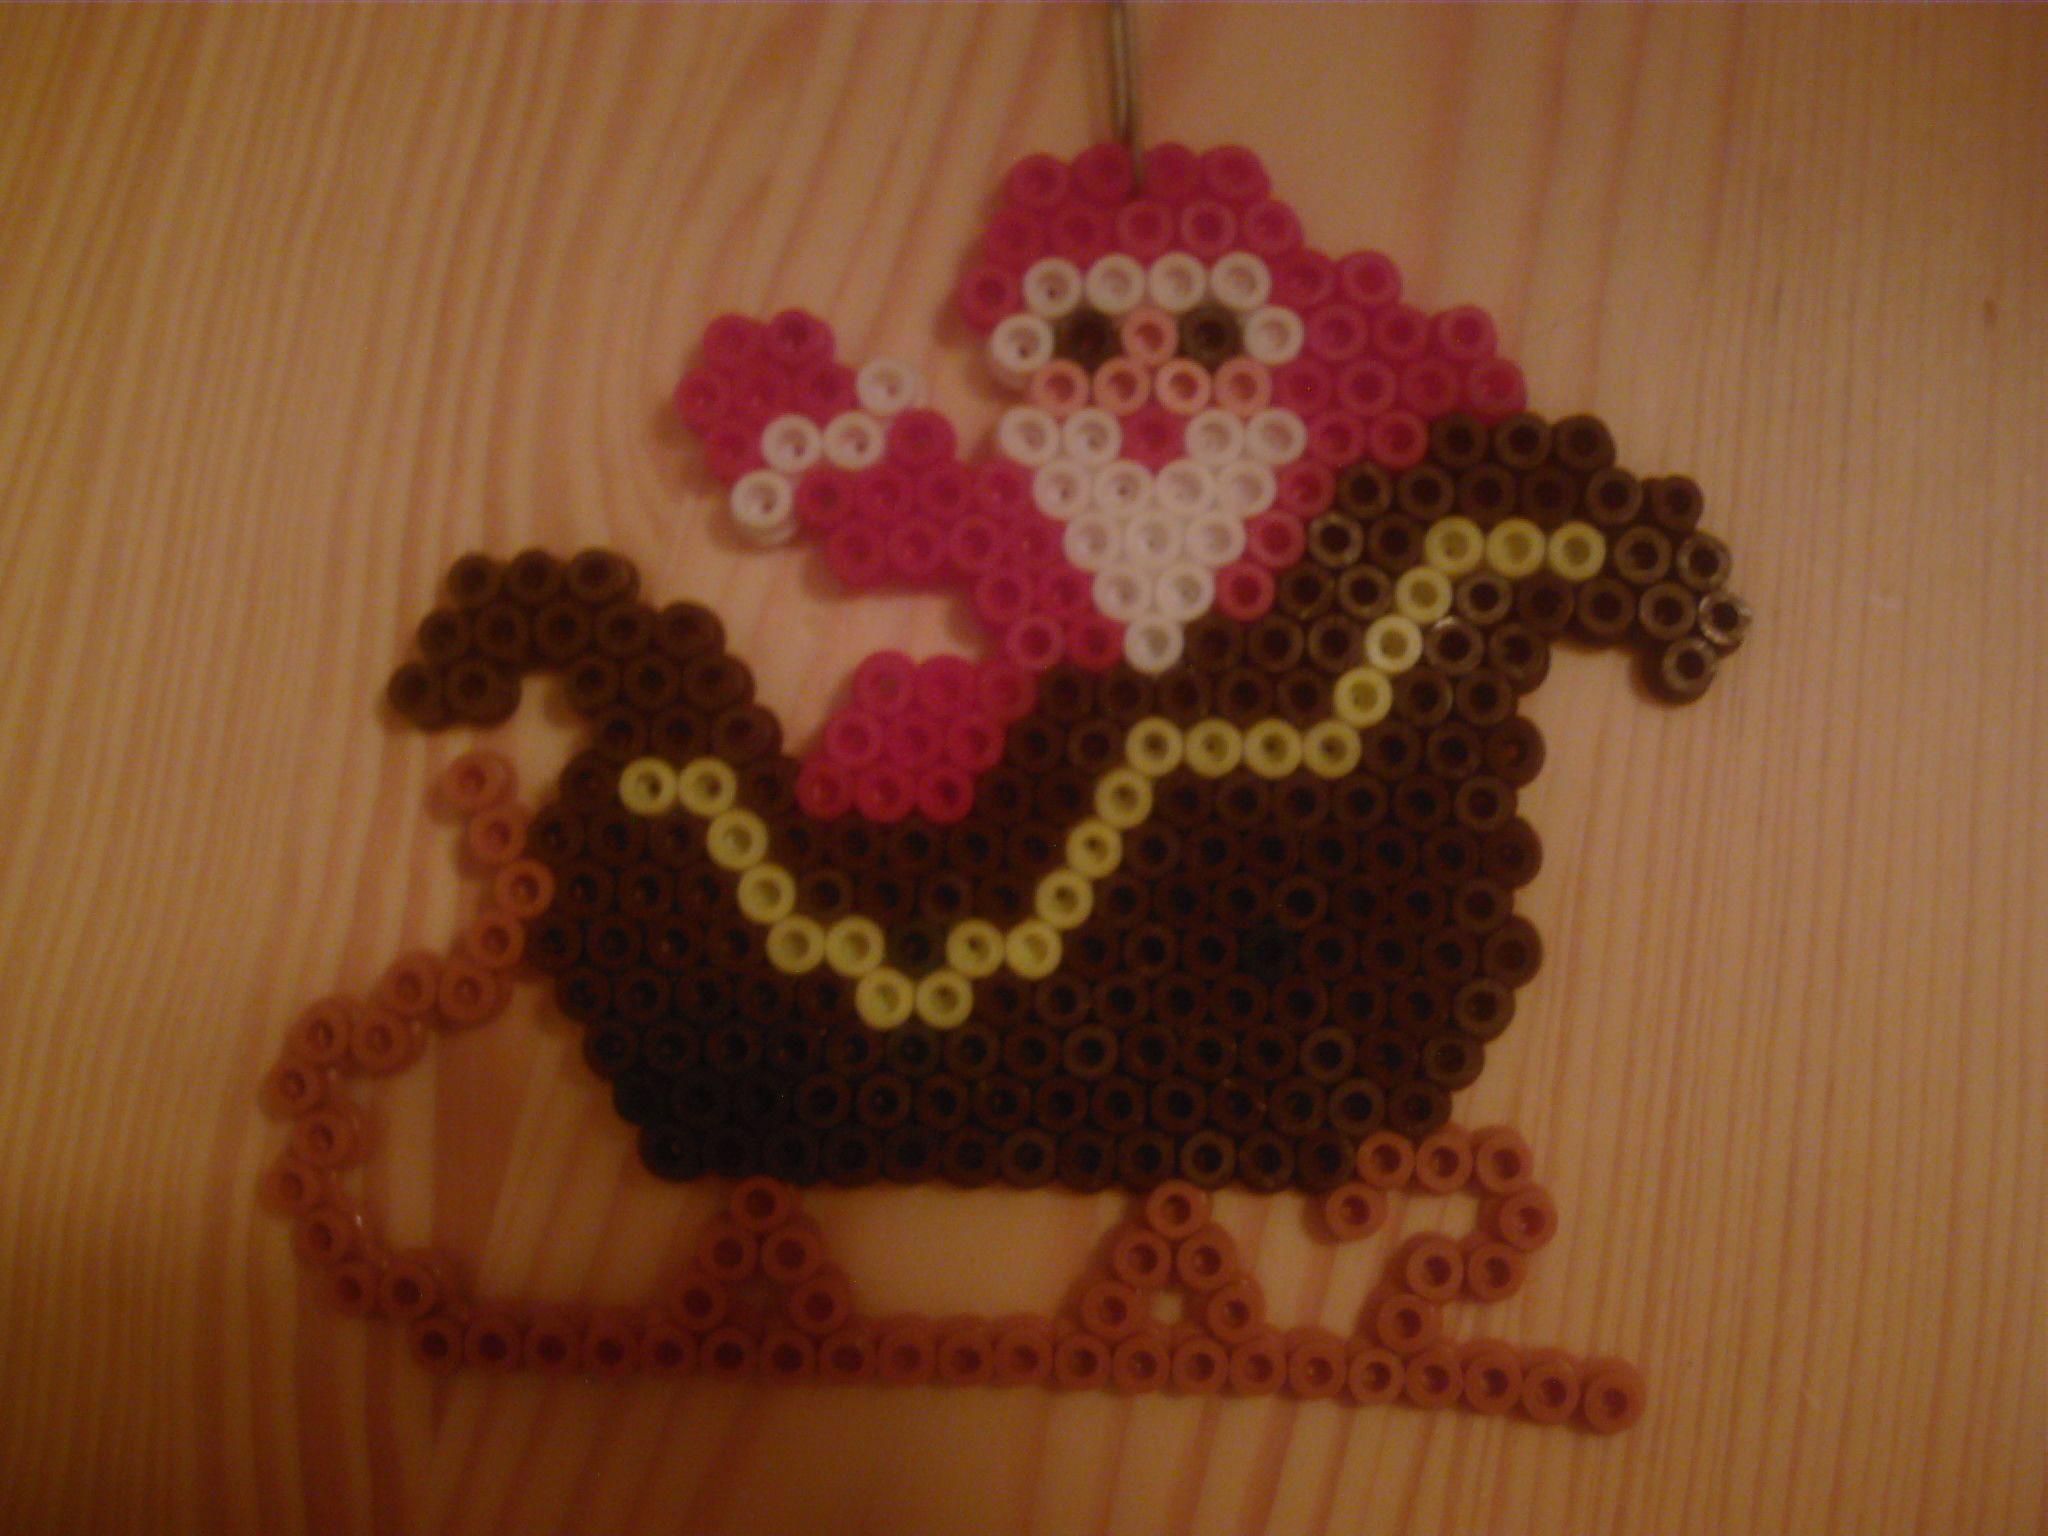 Mes creations en perles a repasser page 3 - Perle a repasser noel ...